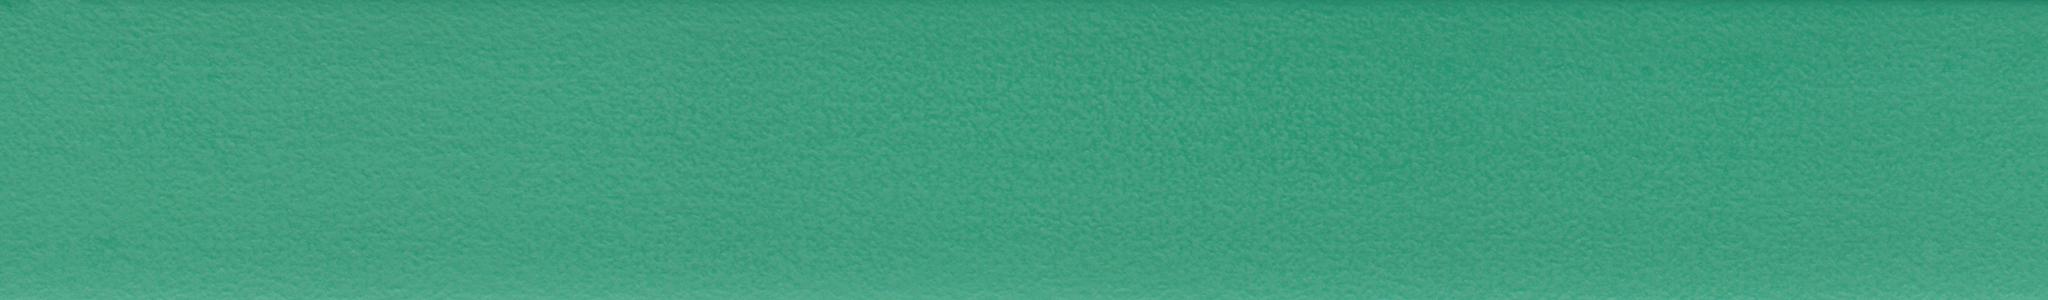 HU 169005 кромка ABS зеленая жемчуг тонкая структура 107